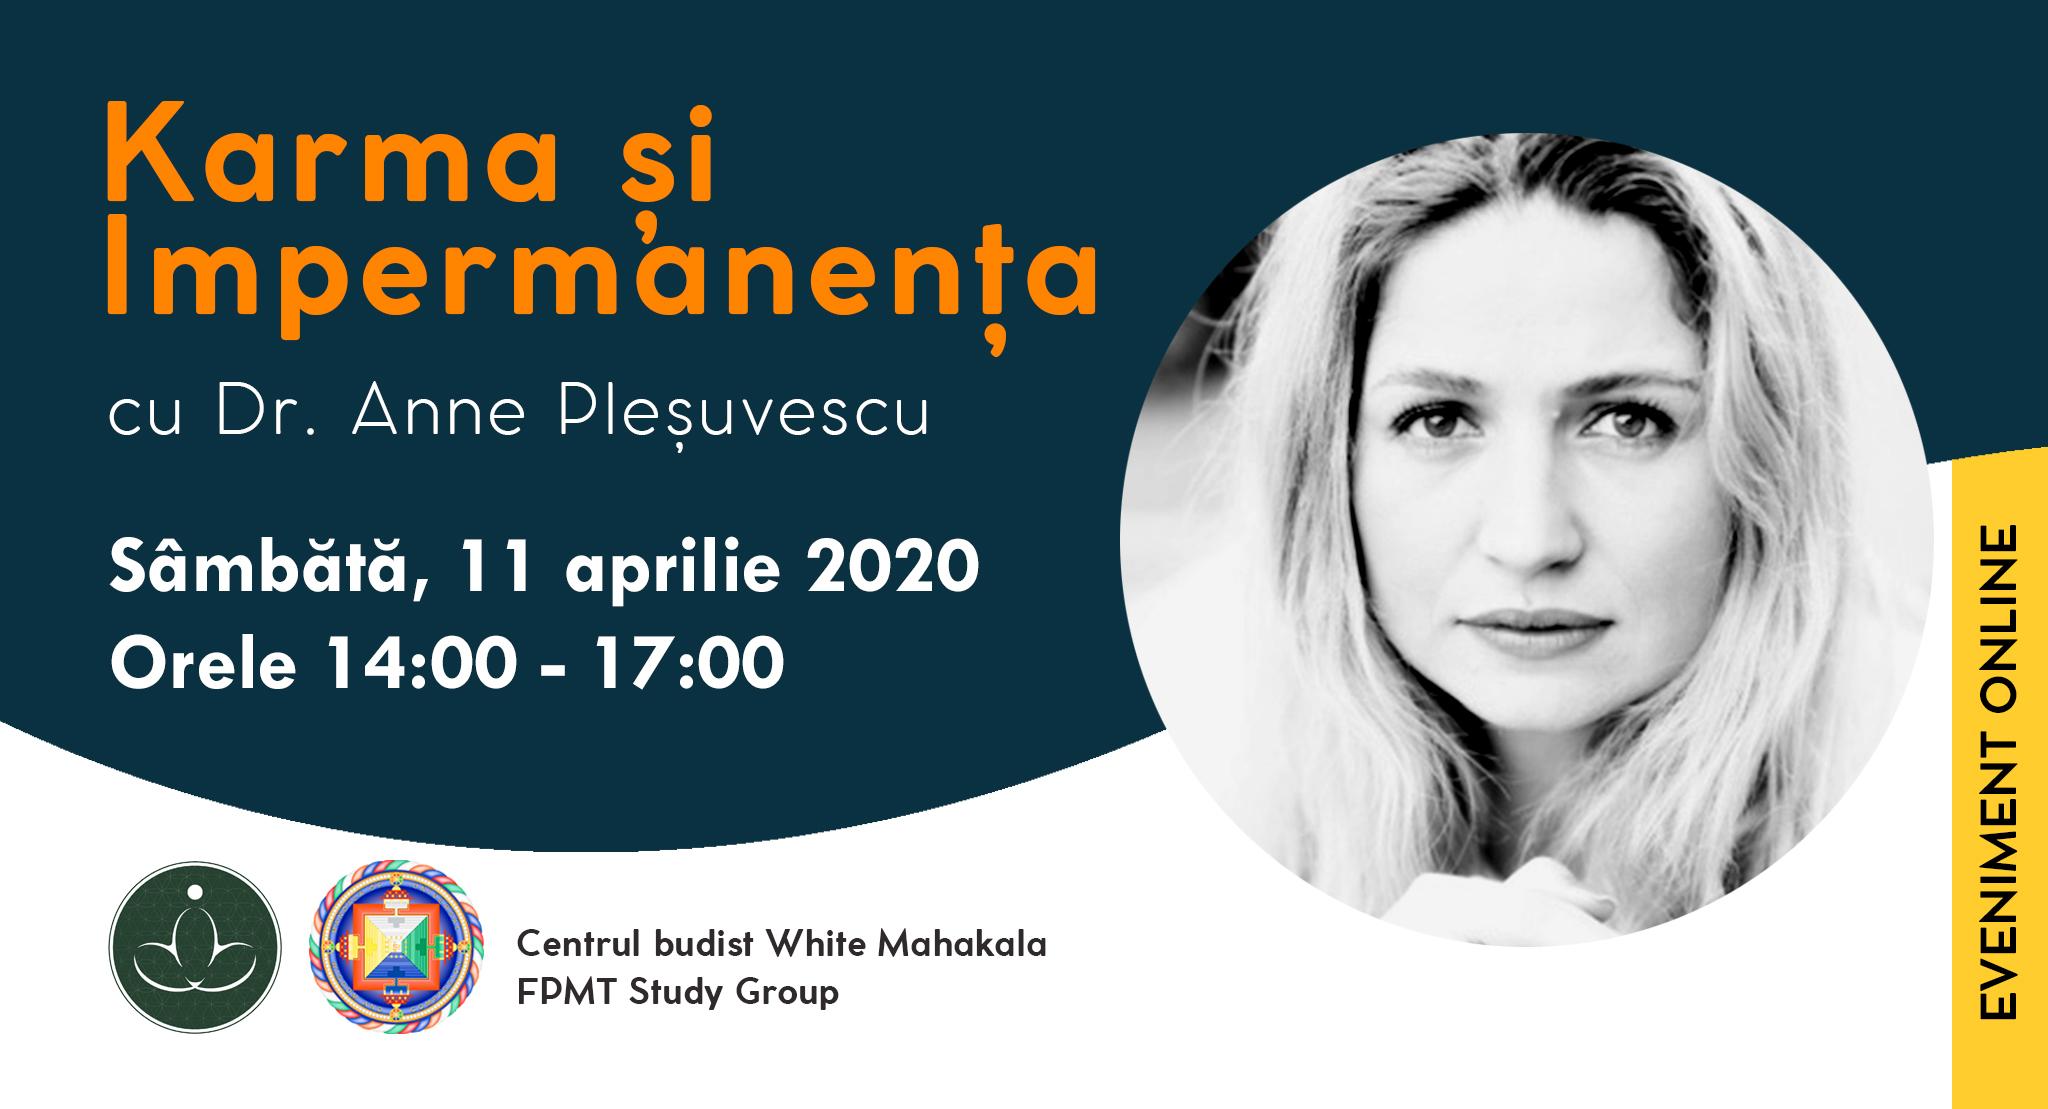 Online Event: Karma si Impermanenta, cu Anne Plesuvescu